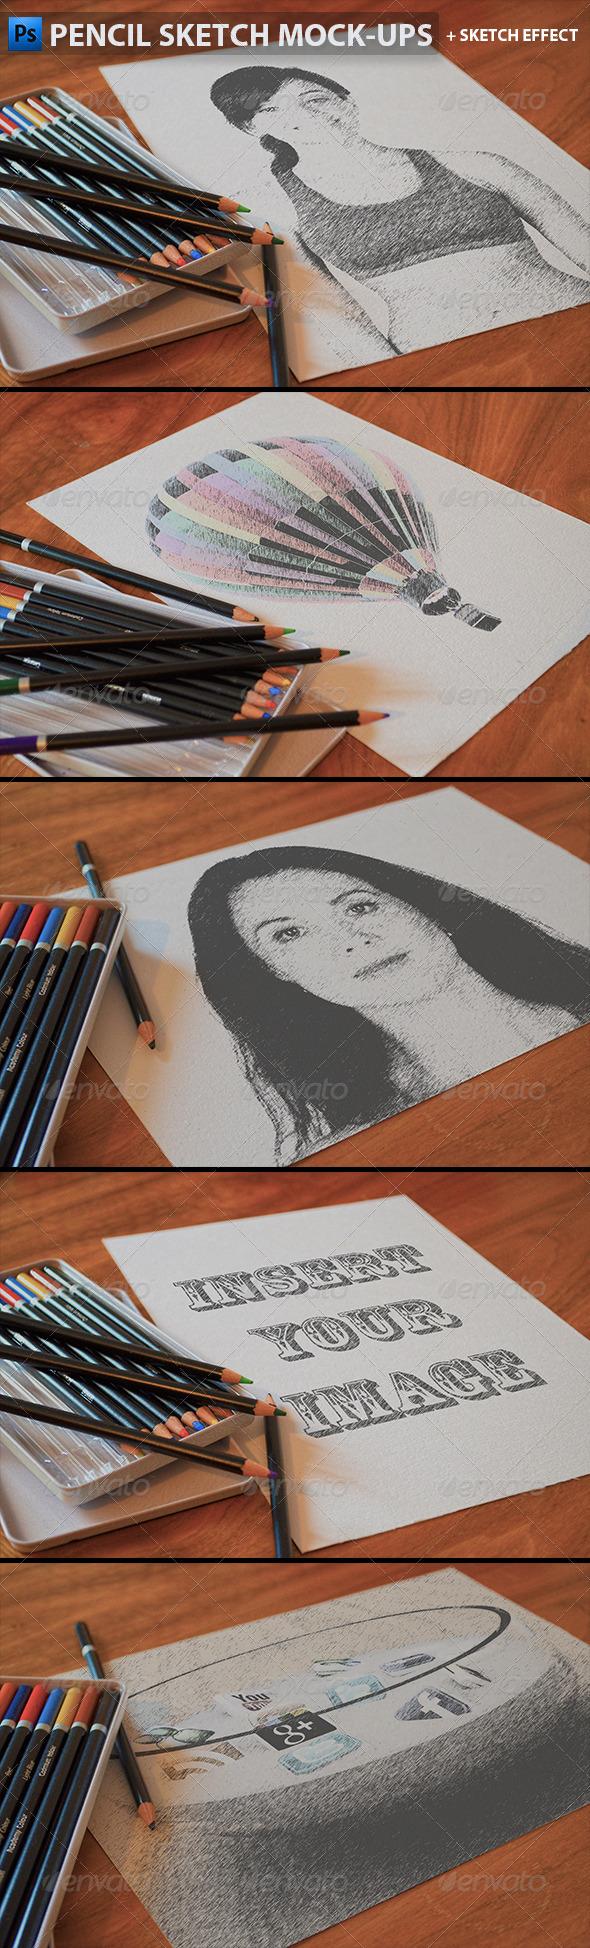 GraphicRiver Pencil Sketch Mock-Ups 5890666